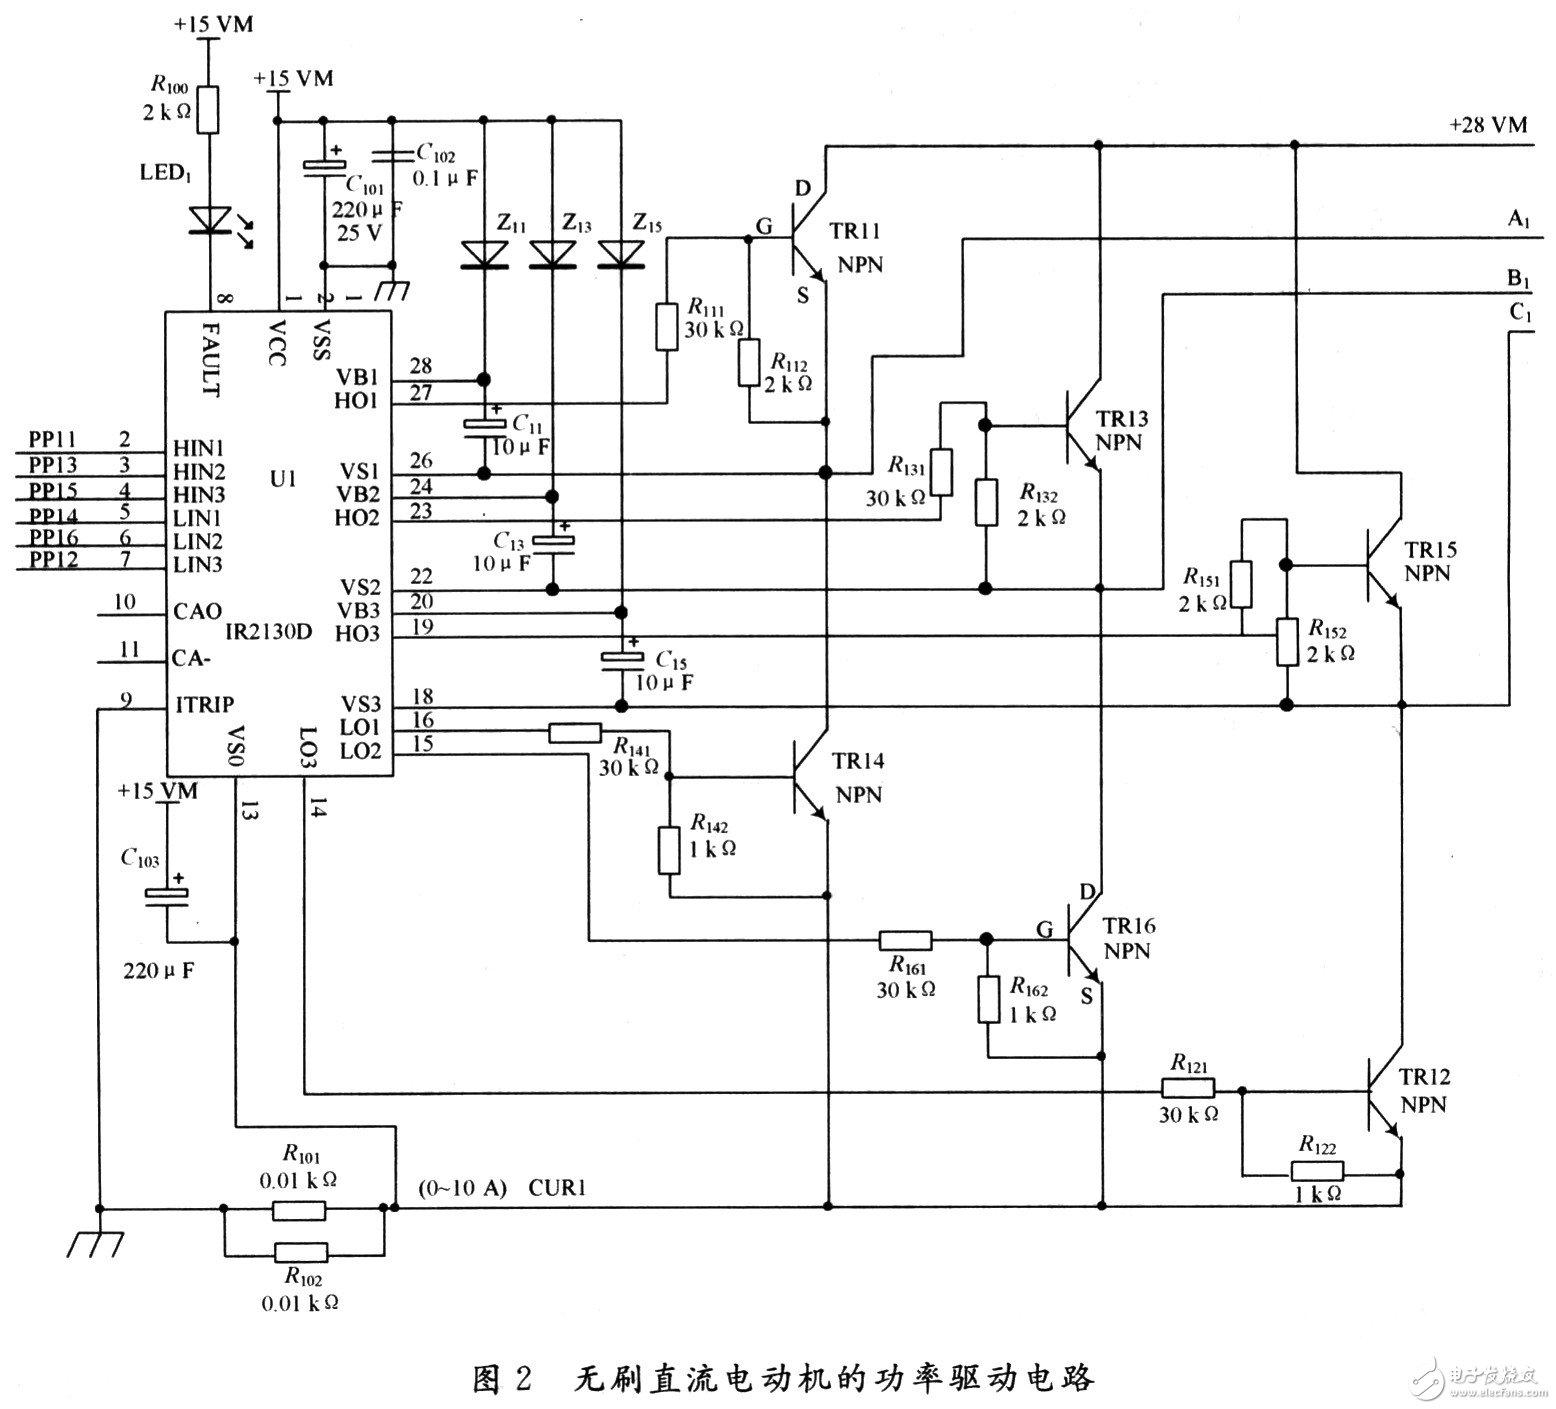 基于IR2130驱动芯片的无刷直流电机功率驱动电路设计